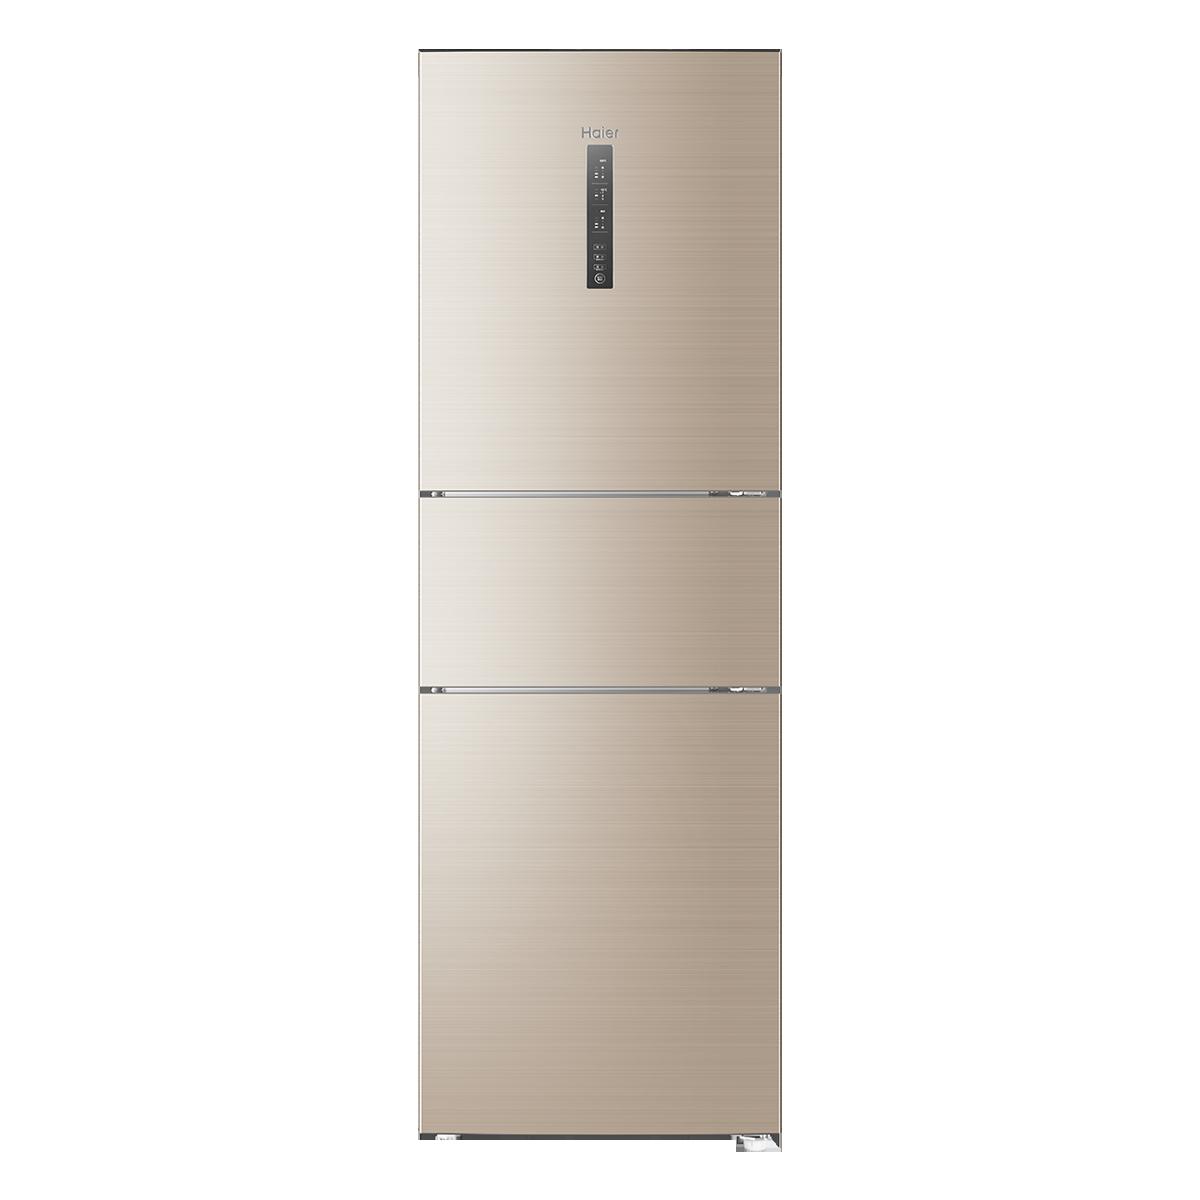 海尔Haier冰箱 BCD-258WDVMU1 说明书